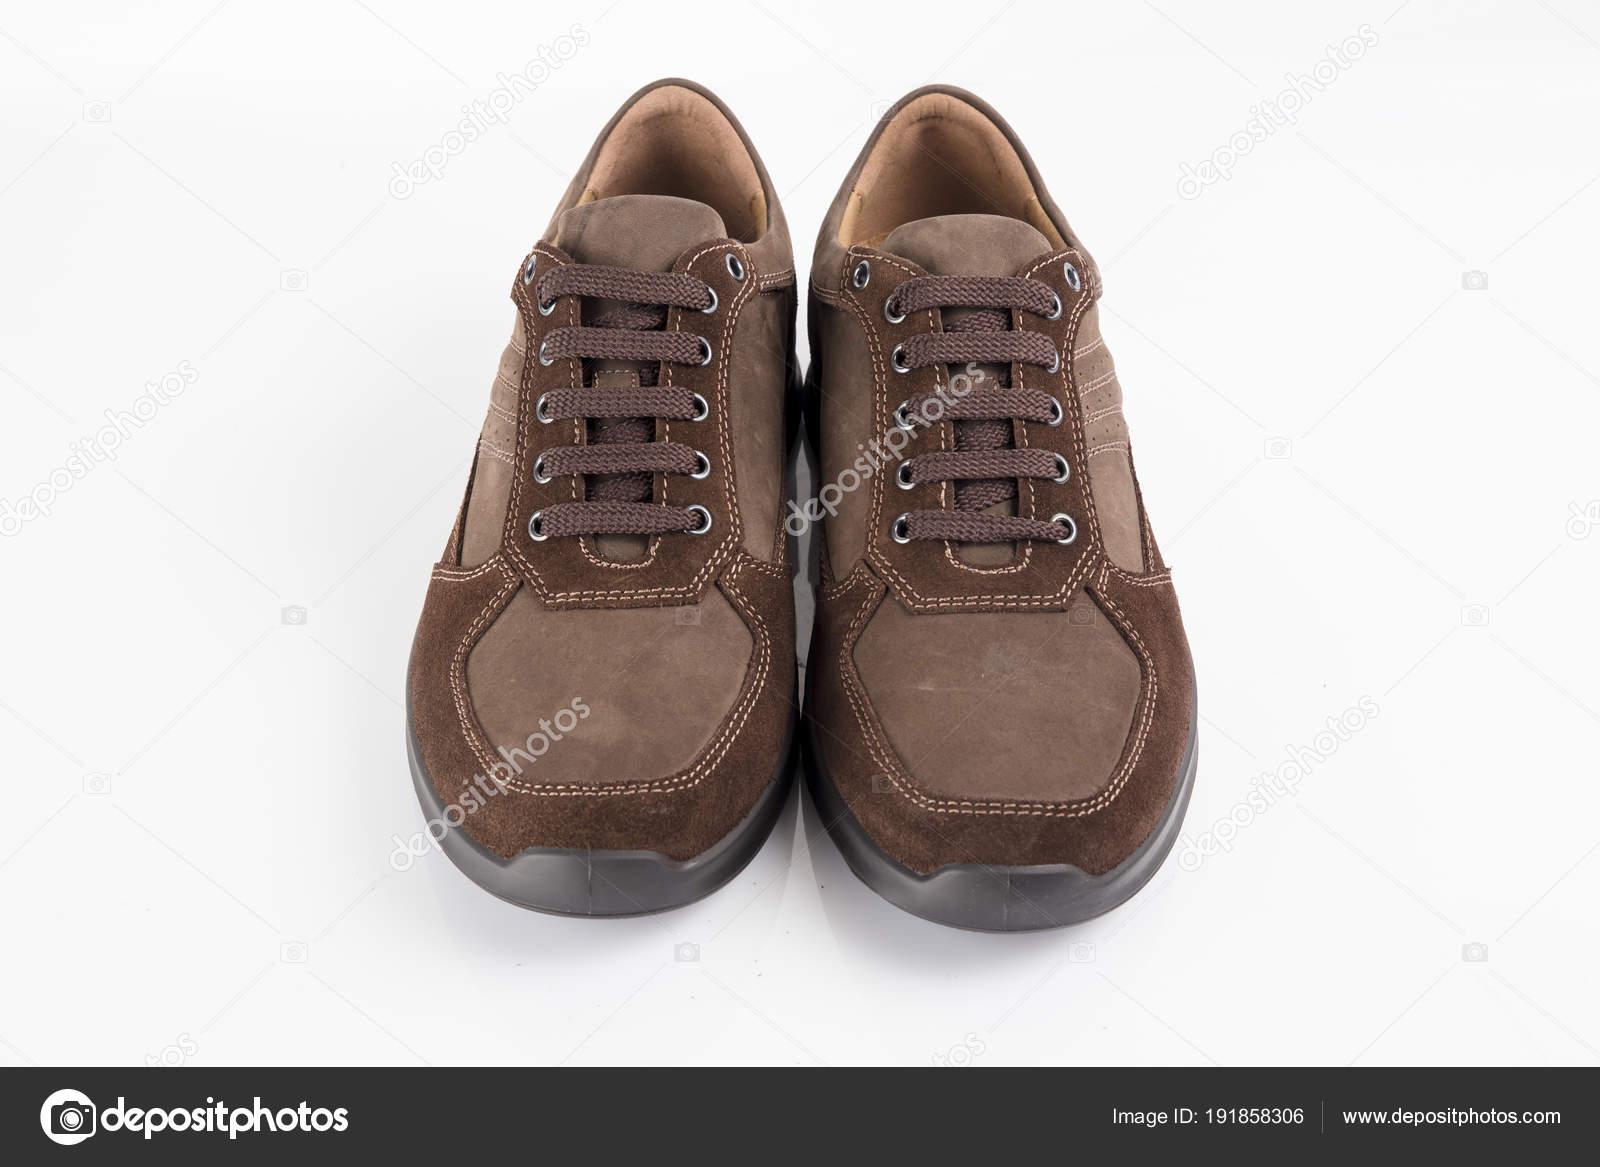 3345981670 Muž Hnědé Kožené Boty Bílém Pozadí Samostatný Produkt Pohodlná Obuv– stock  obrázky